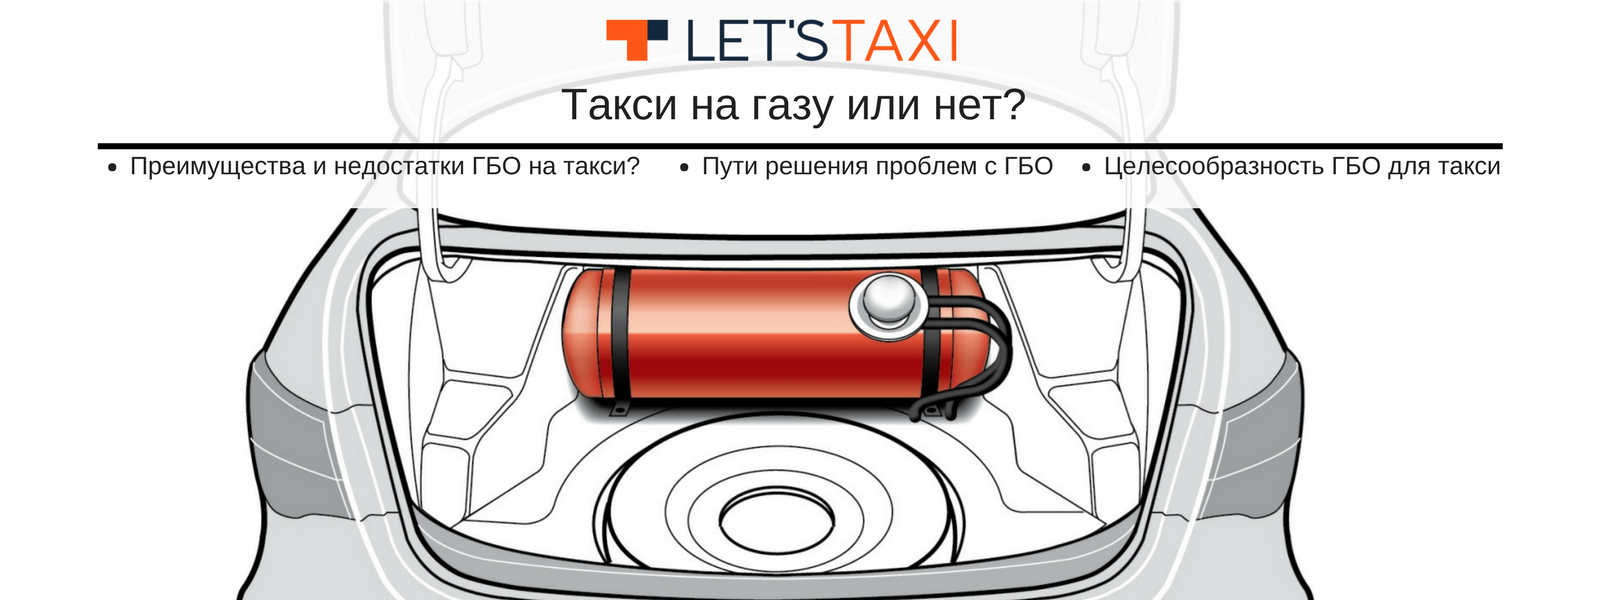 такси на газу или бензине